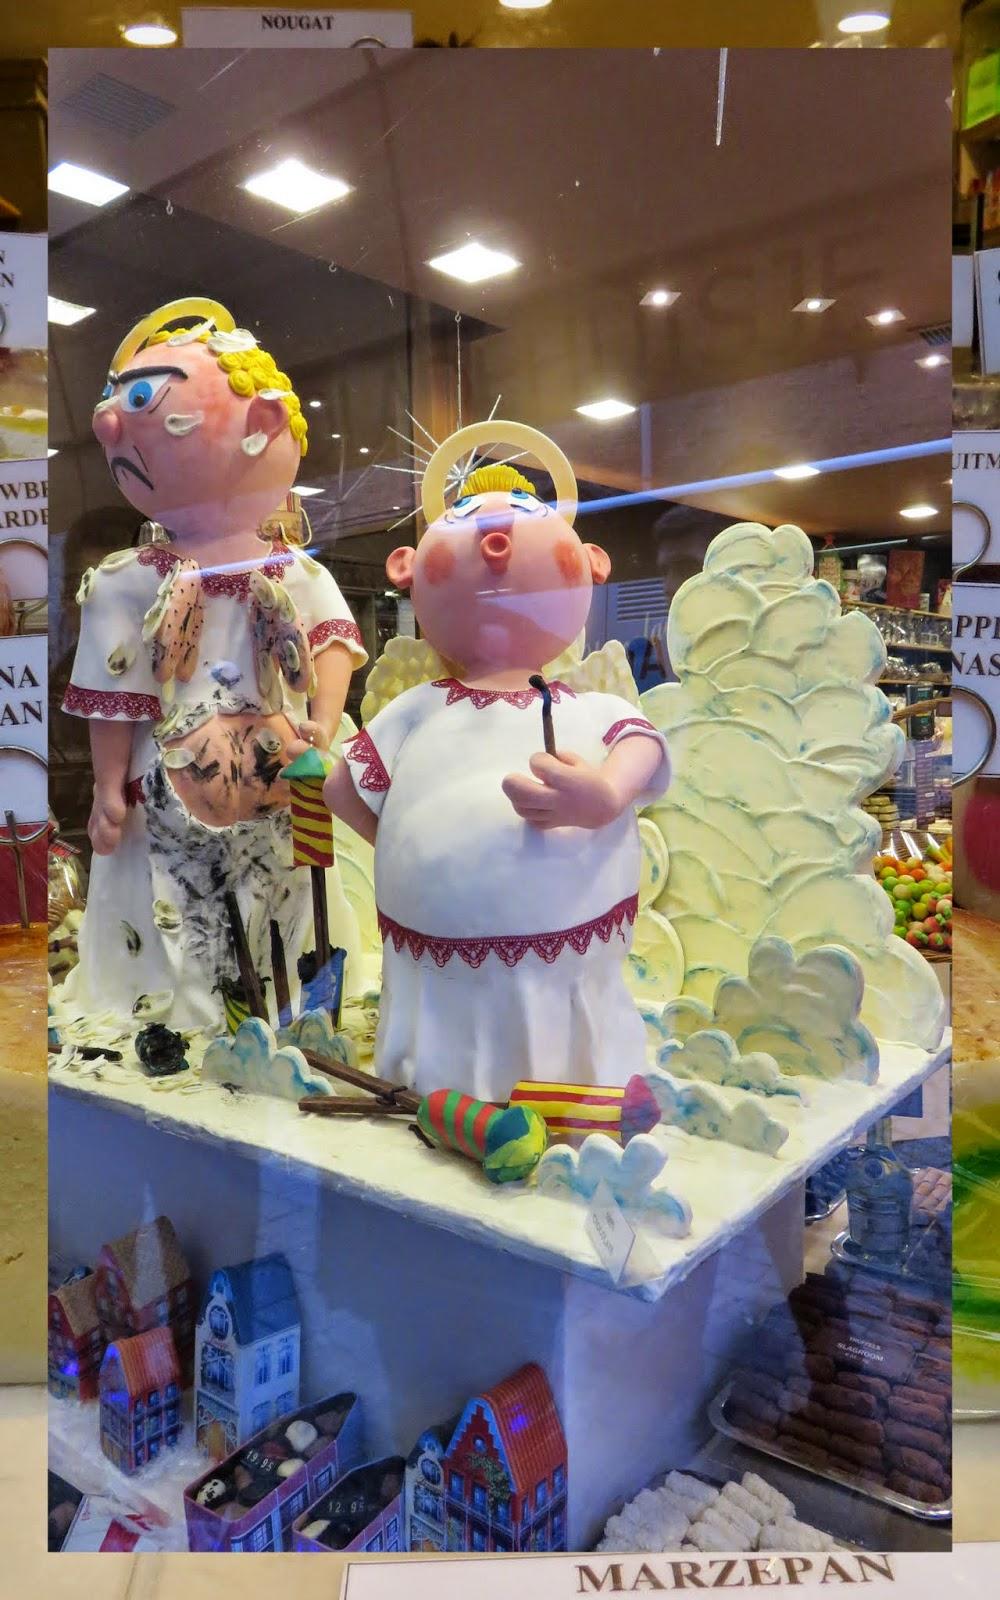 Marzepan angel display in Bruges